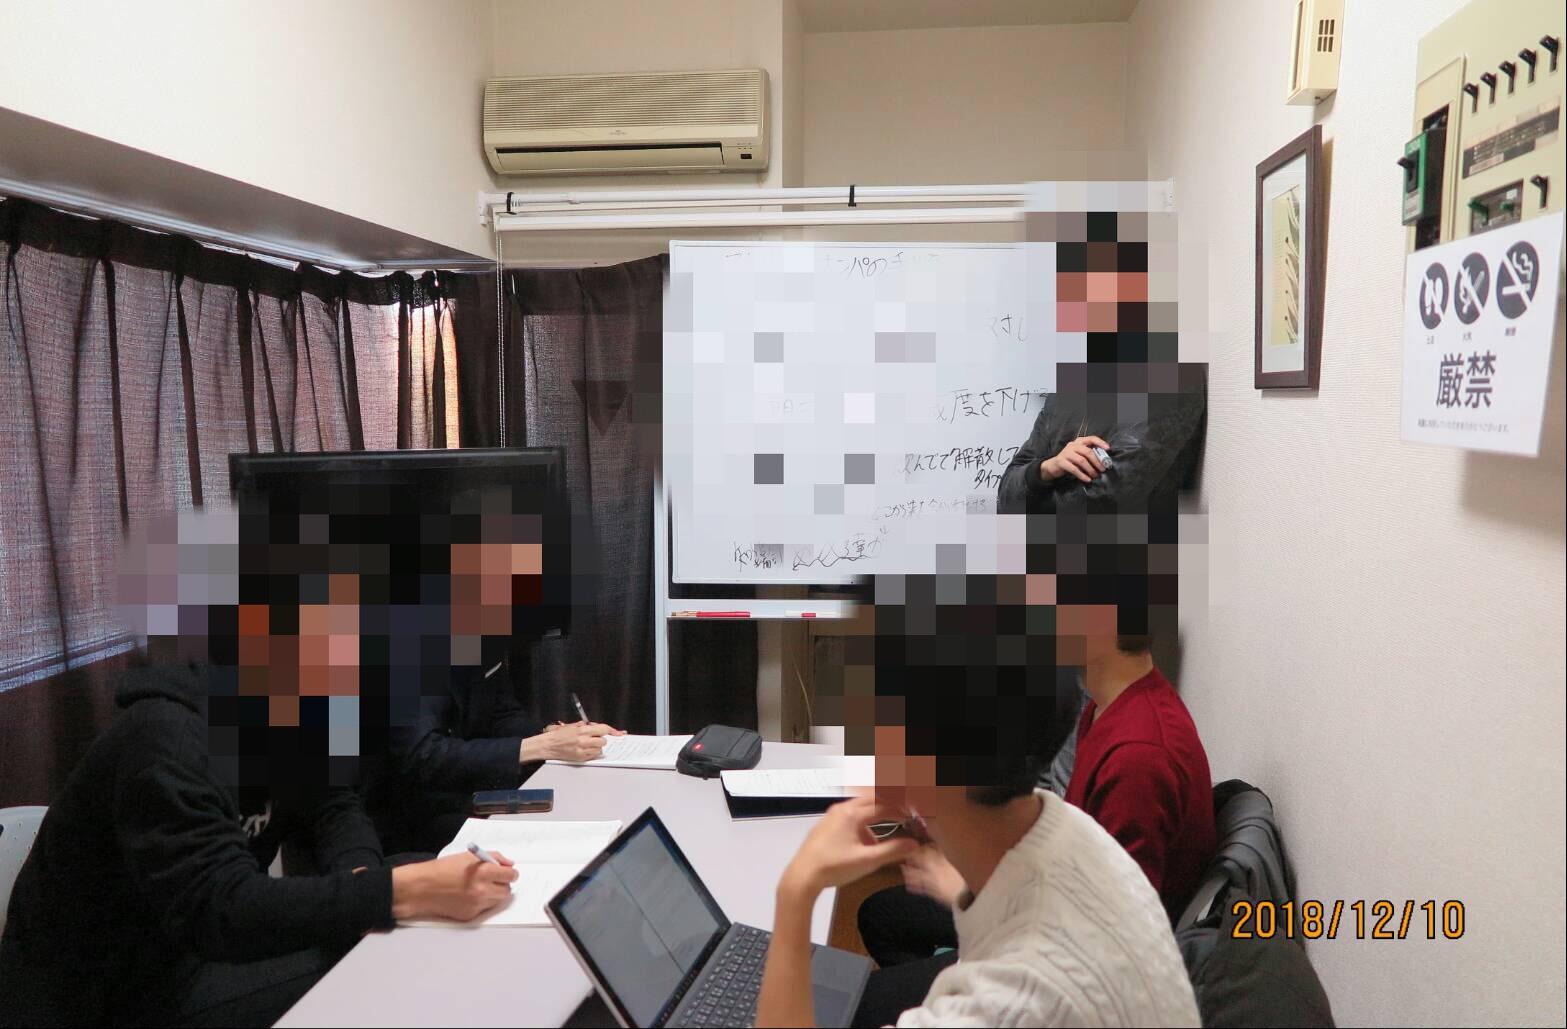 ★証拠画像付き★12/9のブートキャンプでは全員地蔵克服し、講習生がピカチュウをゲットしました!!